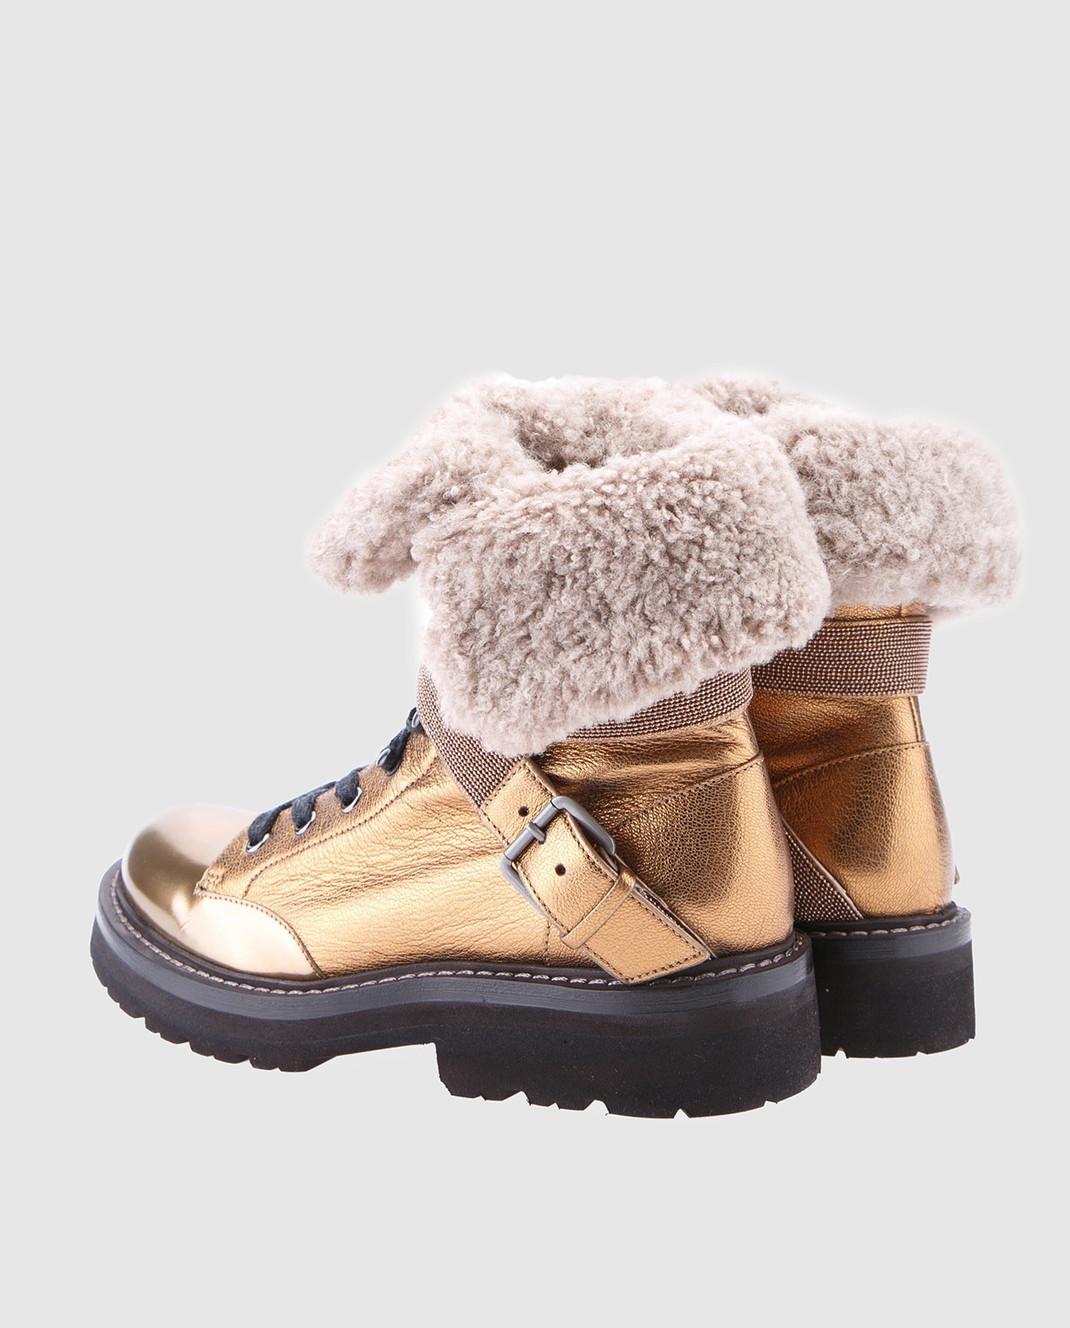 Brunello Cucinelli Золотистые кожаные ботинки MZALG1003 изображение 3